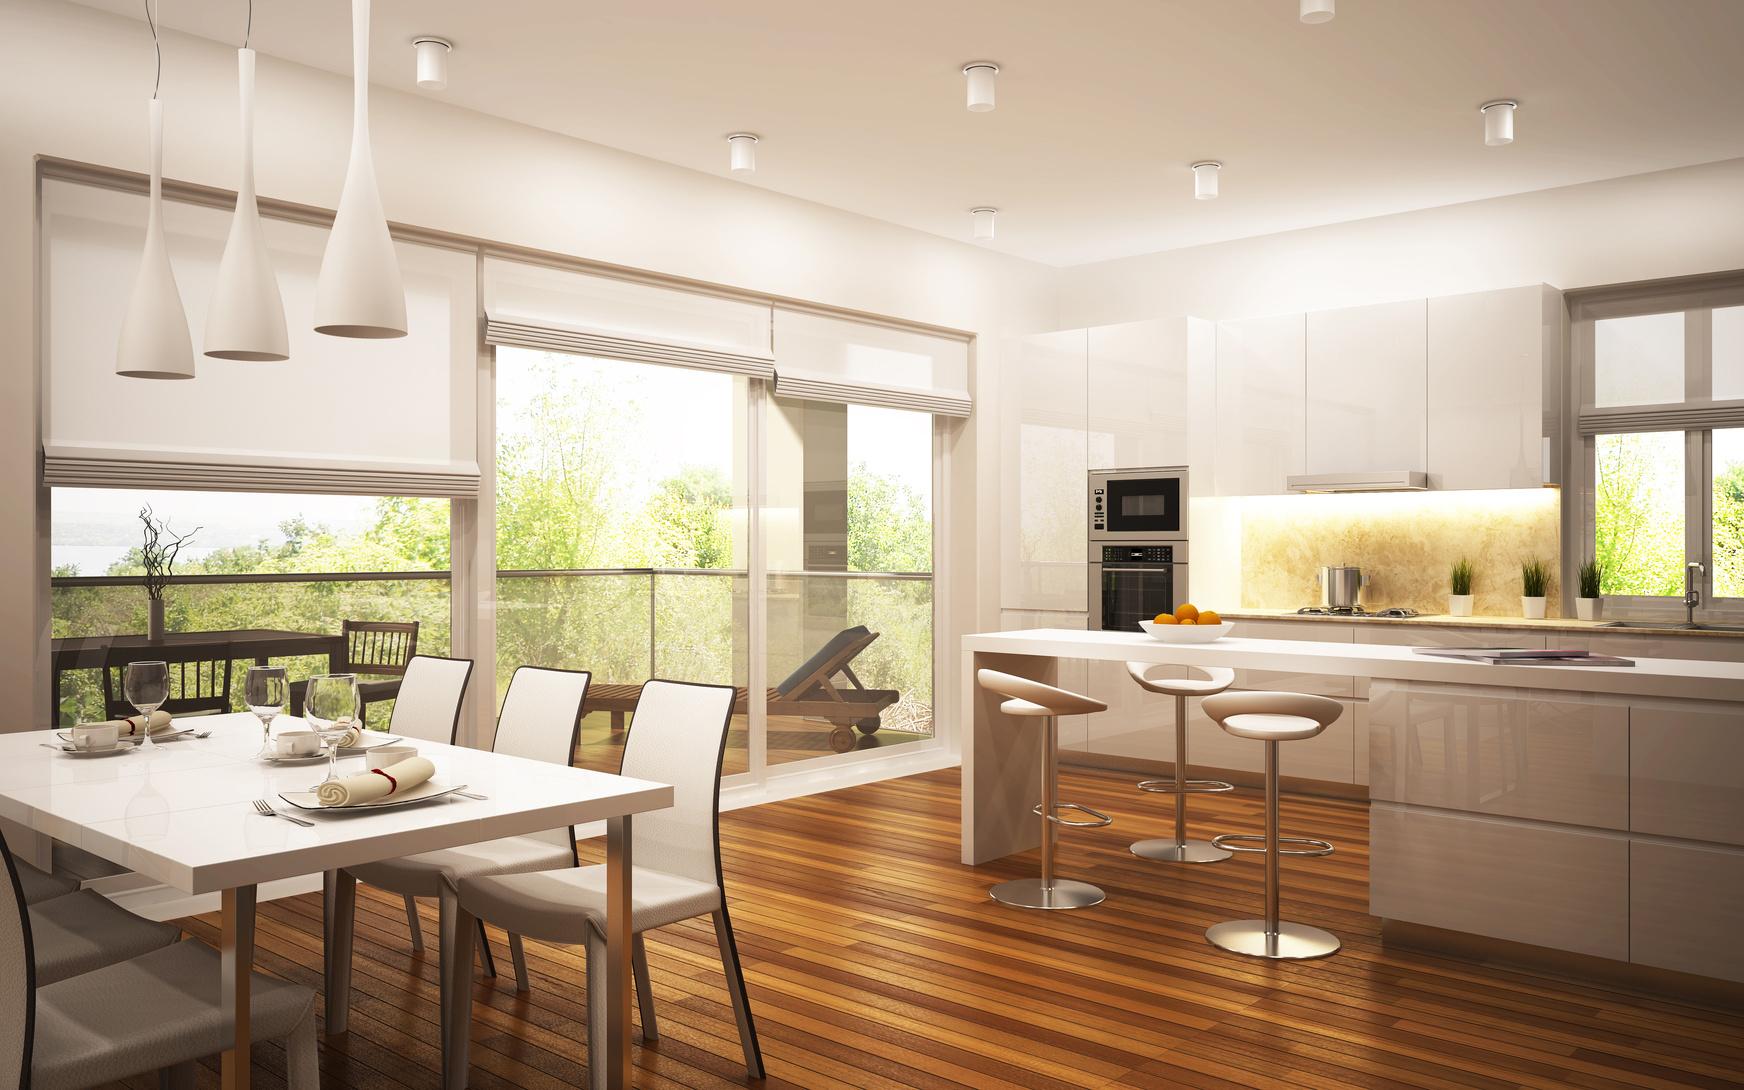 Cucina come illuminare l 39 ambiente tassonedil - Illuminazione cucina consigli ...